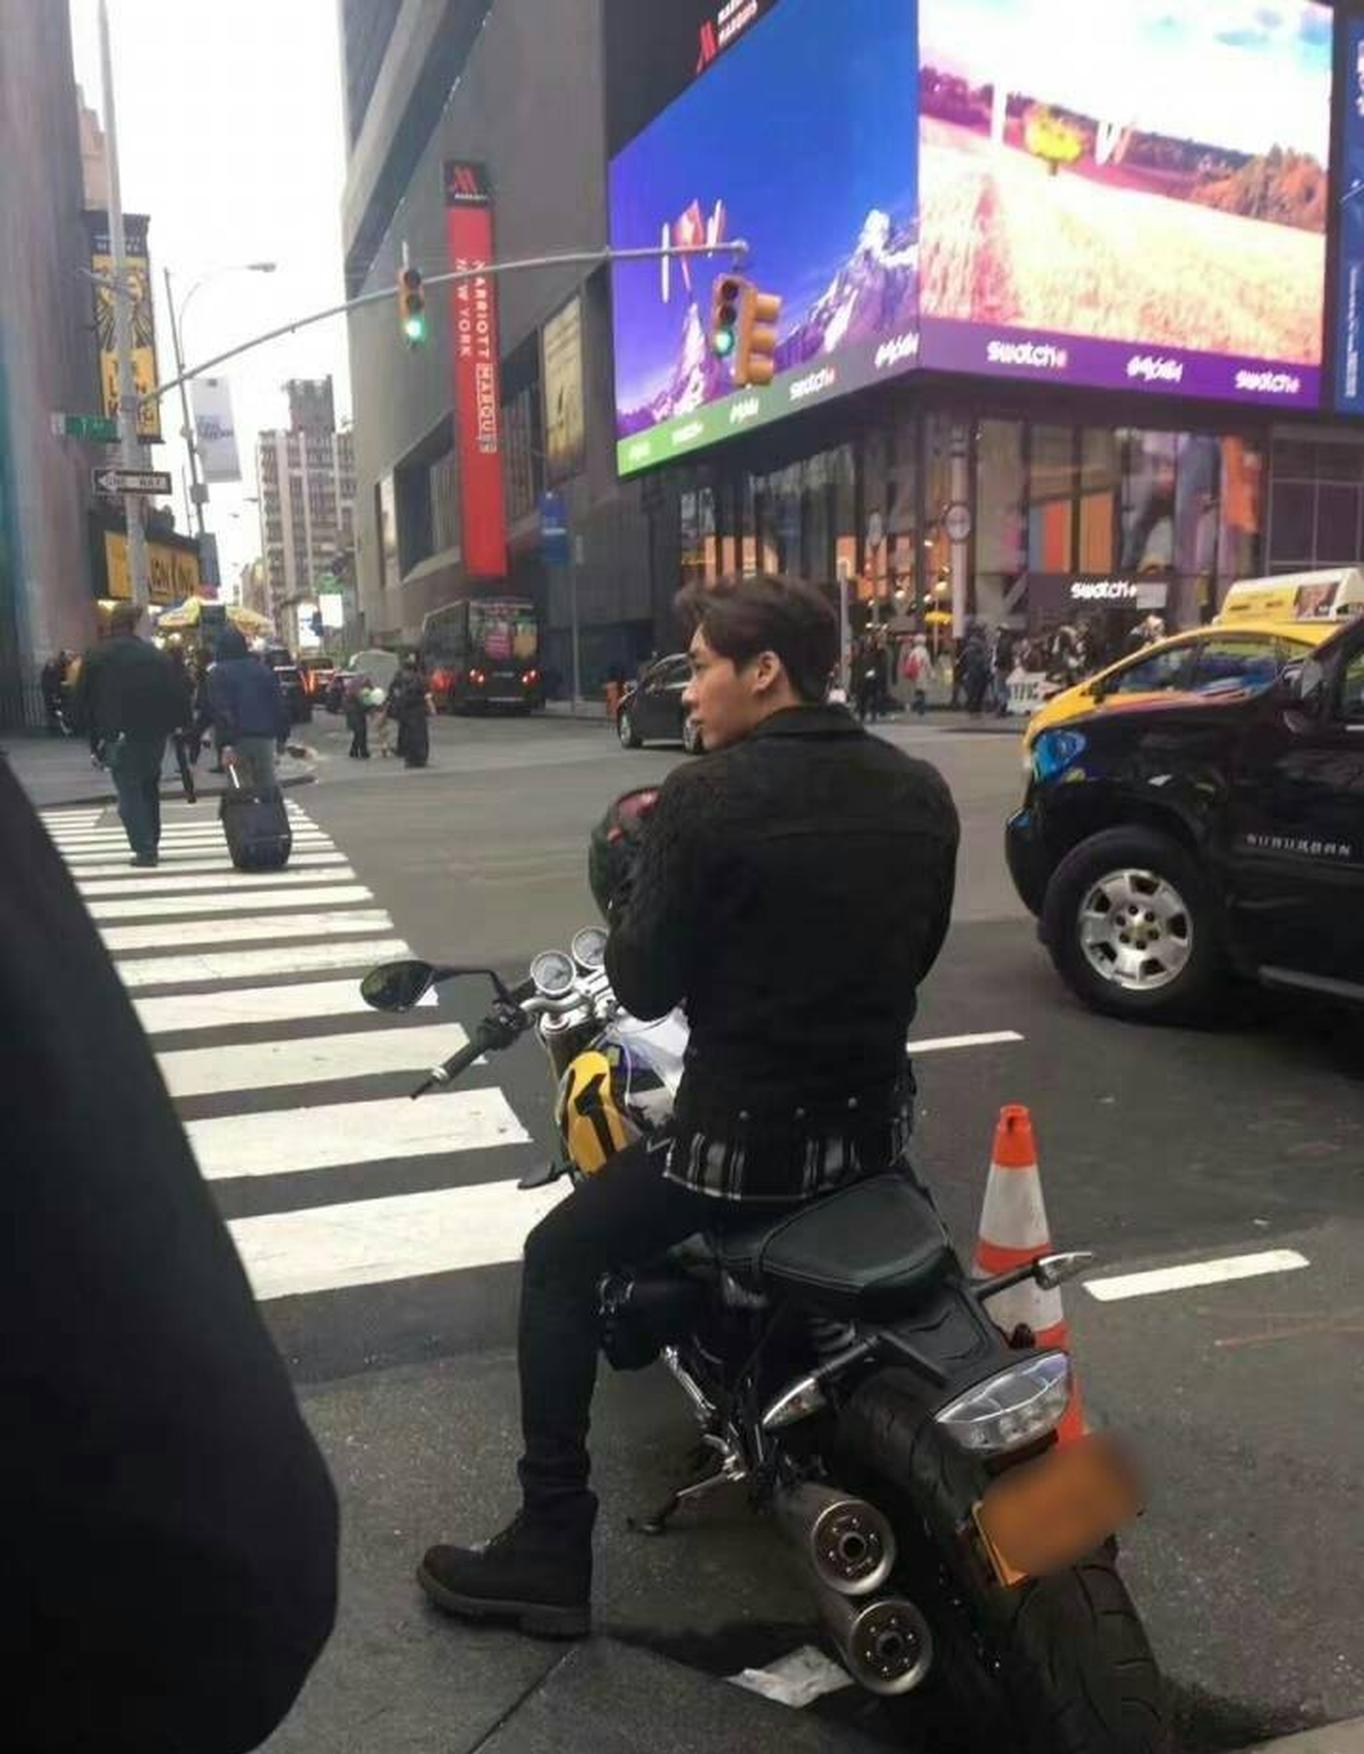 李易峰黑衣酷帅现纽约街头 骑摩托车引粉丝尖叫